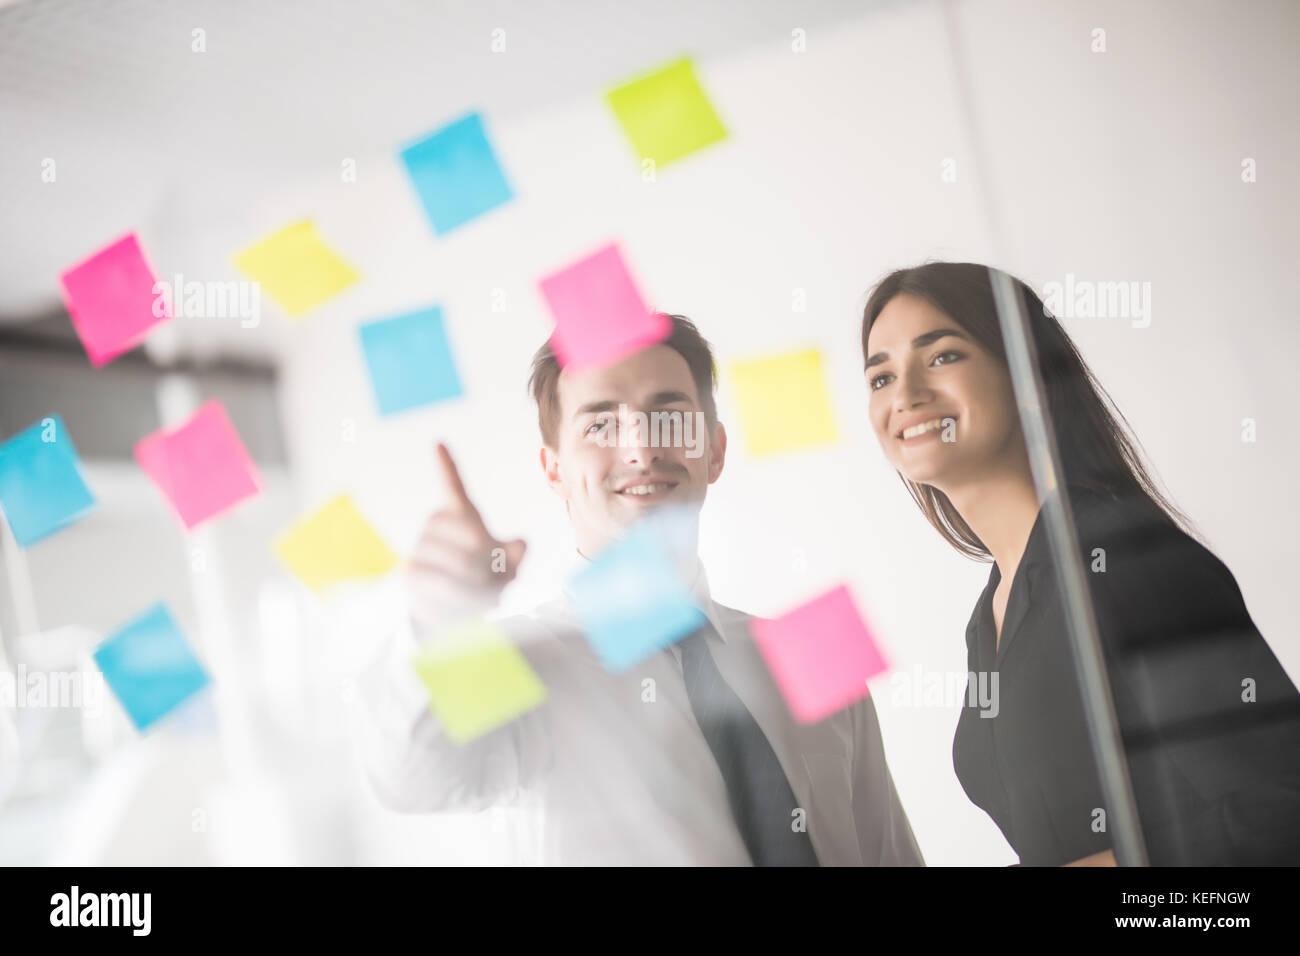 Startup business gruppo persone ogni giorno di lavoro lavoro in ufficio moderno. Ufficio Tecnico, tech company, Immagini Stock